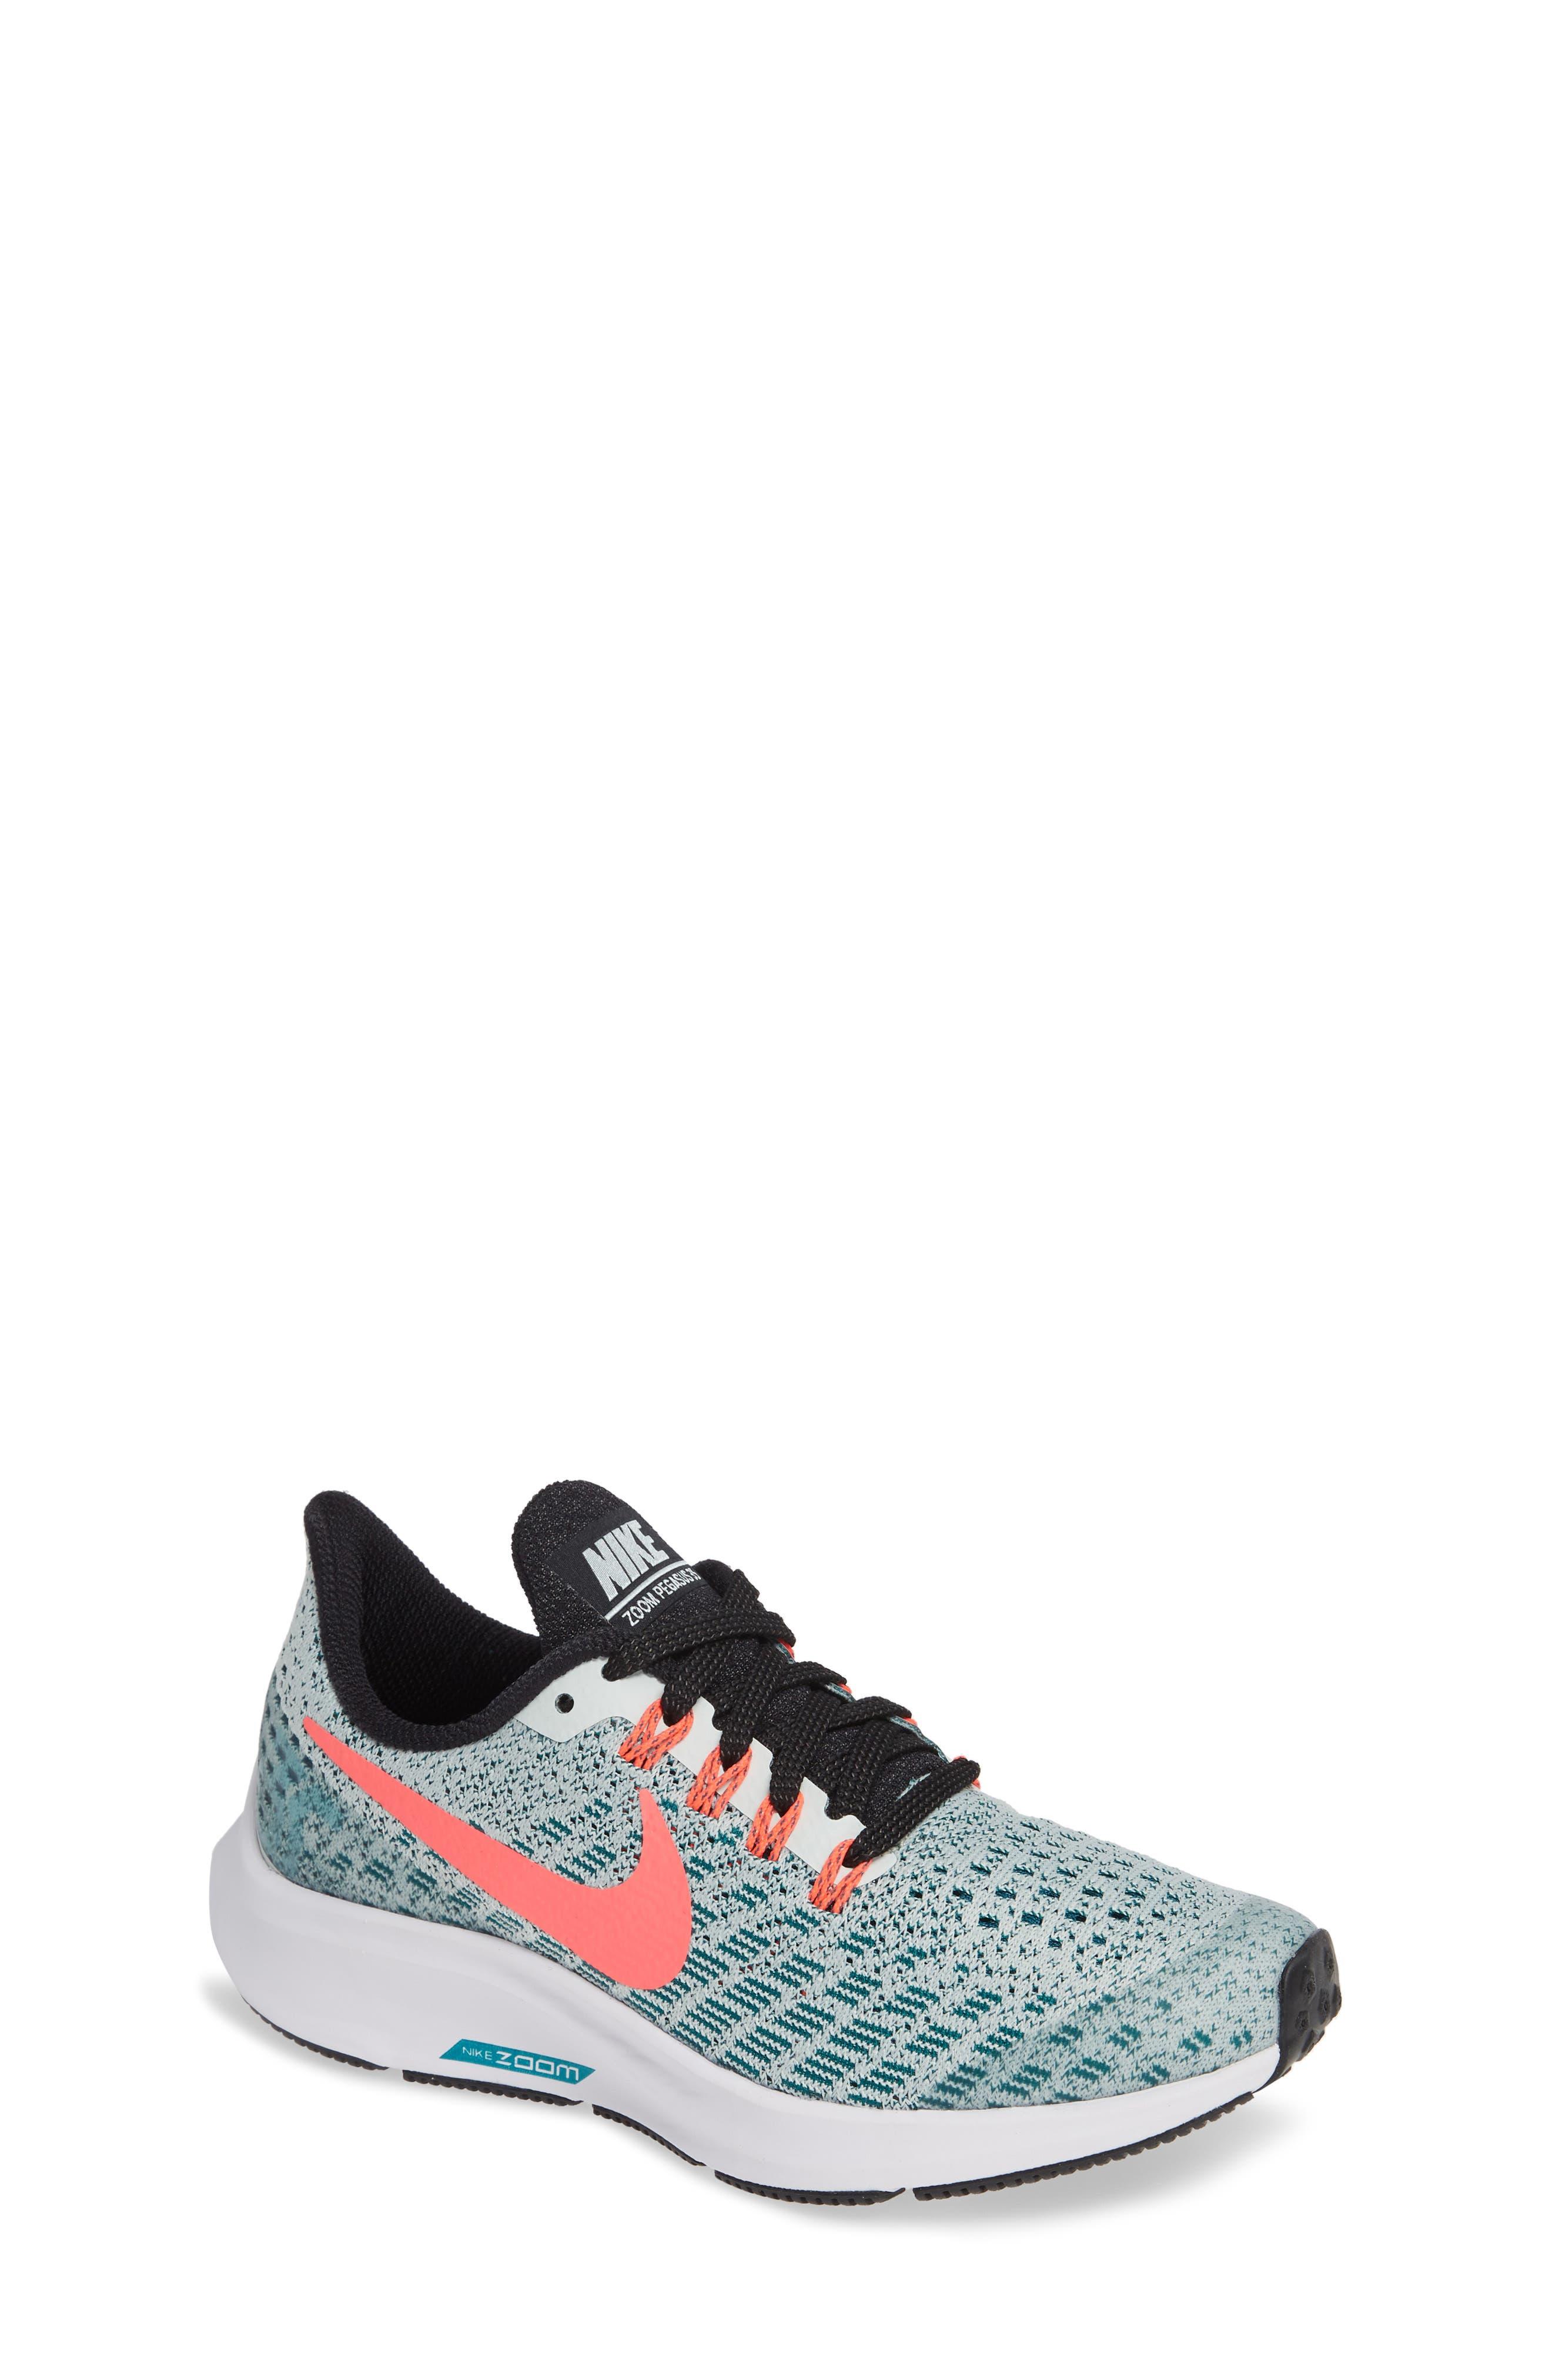 Air Zoom Pegasus 35 Sneaker,                         Main,                         color, Grey/ Hot Punch/ Teal/ Black